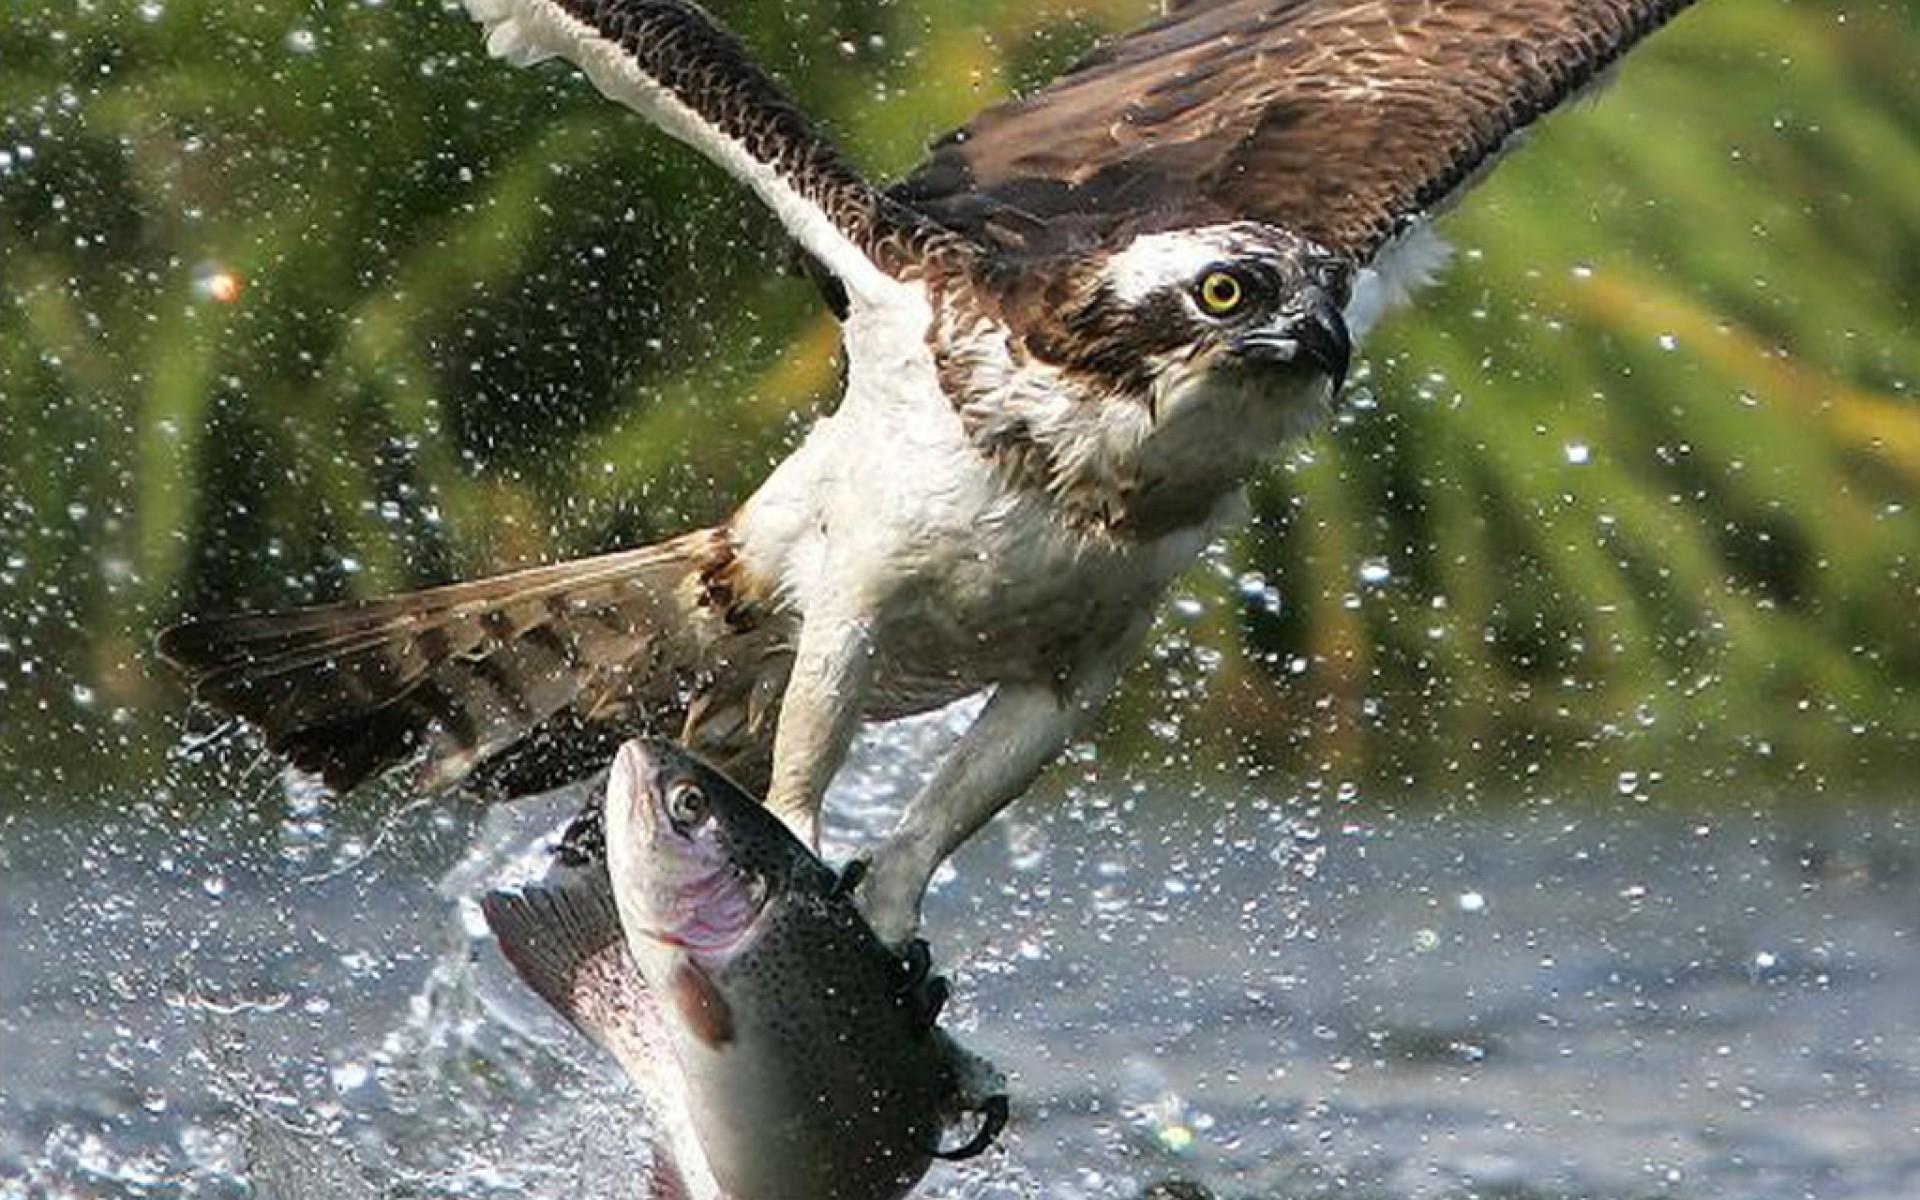 Unduh 46 Foto Gambar Burung Elang Menangkap Ikan  Terbaru Gratis